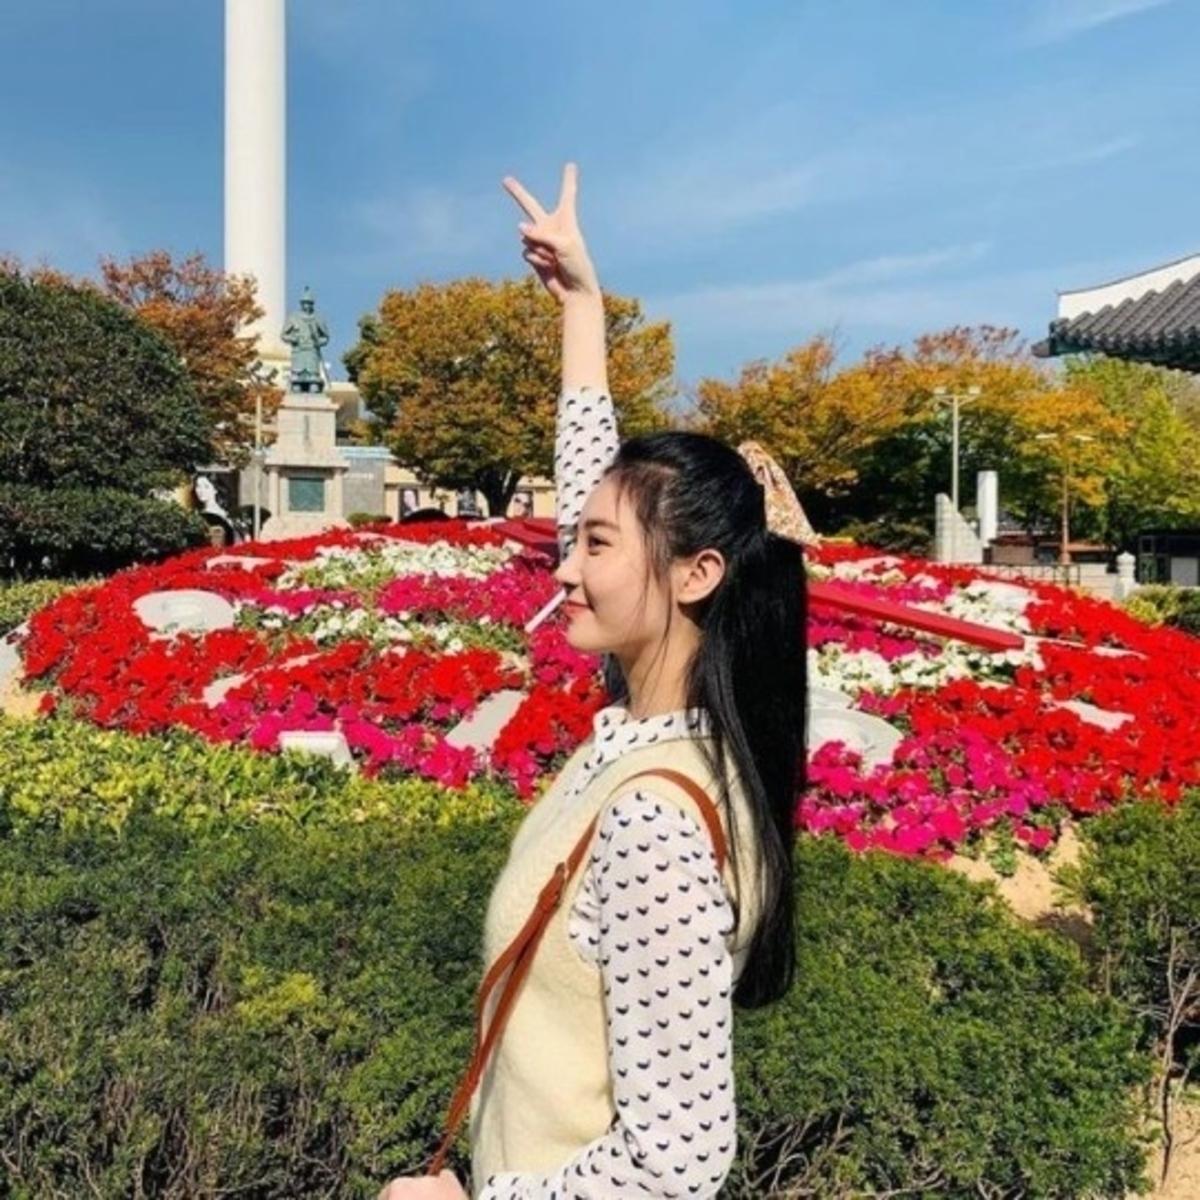 金亚荣清爽笑容让人心动!以美丽花朵为背景公告INS近况纪念照